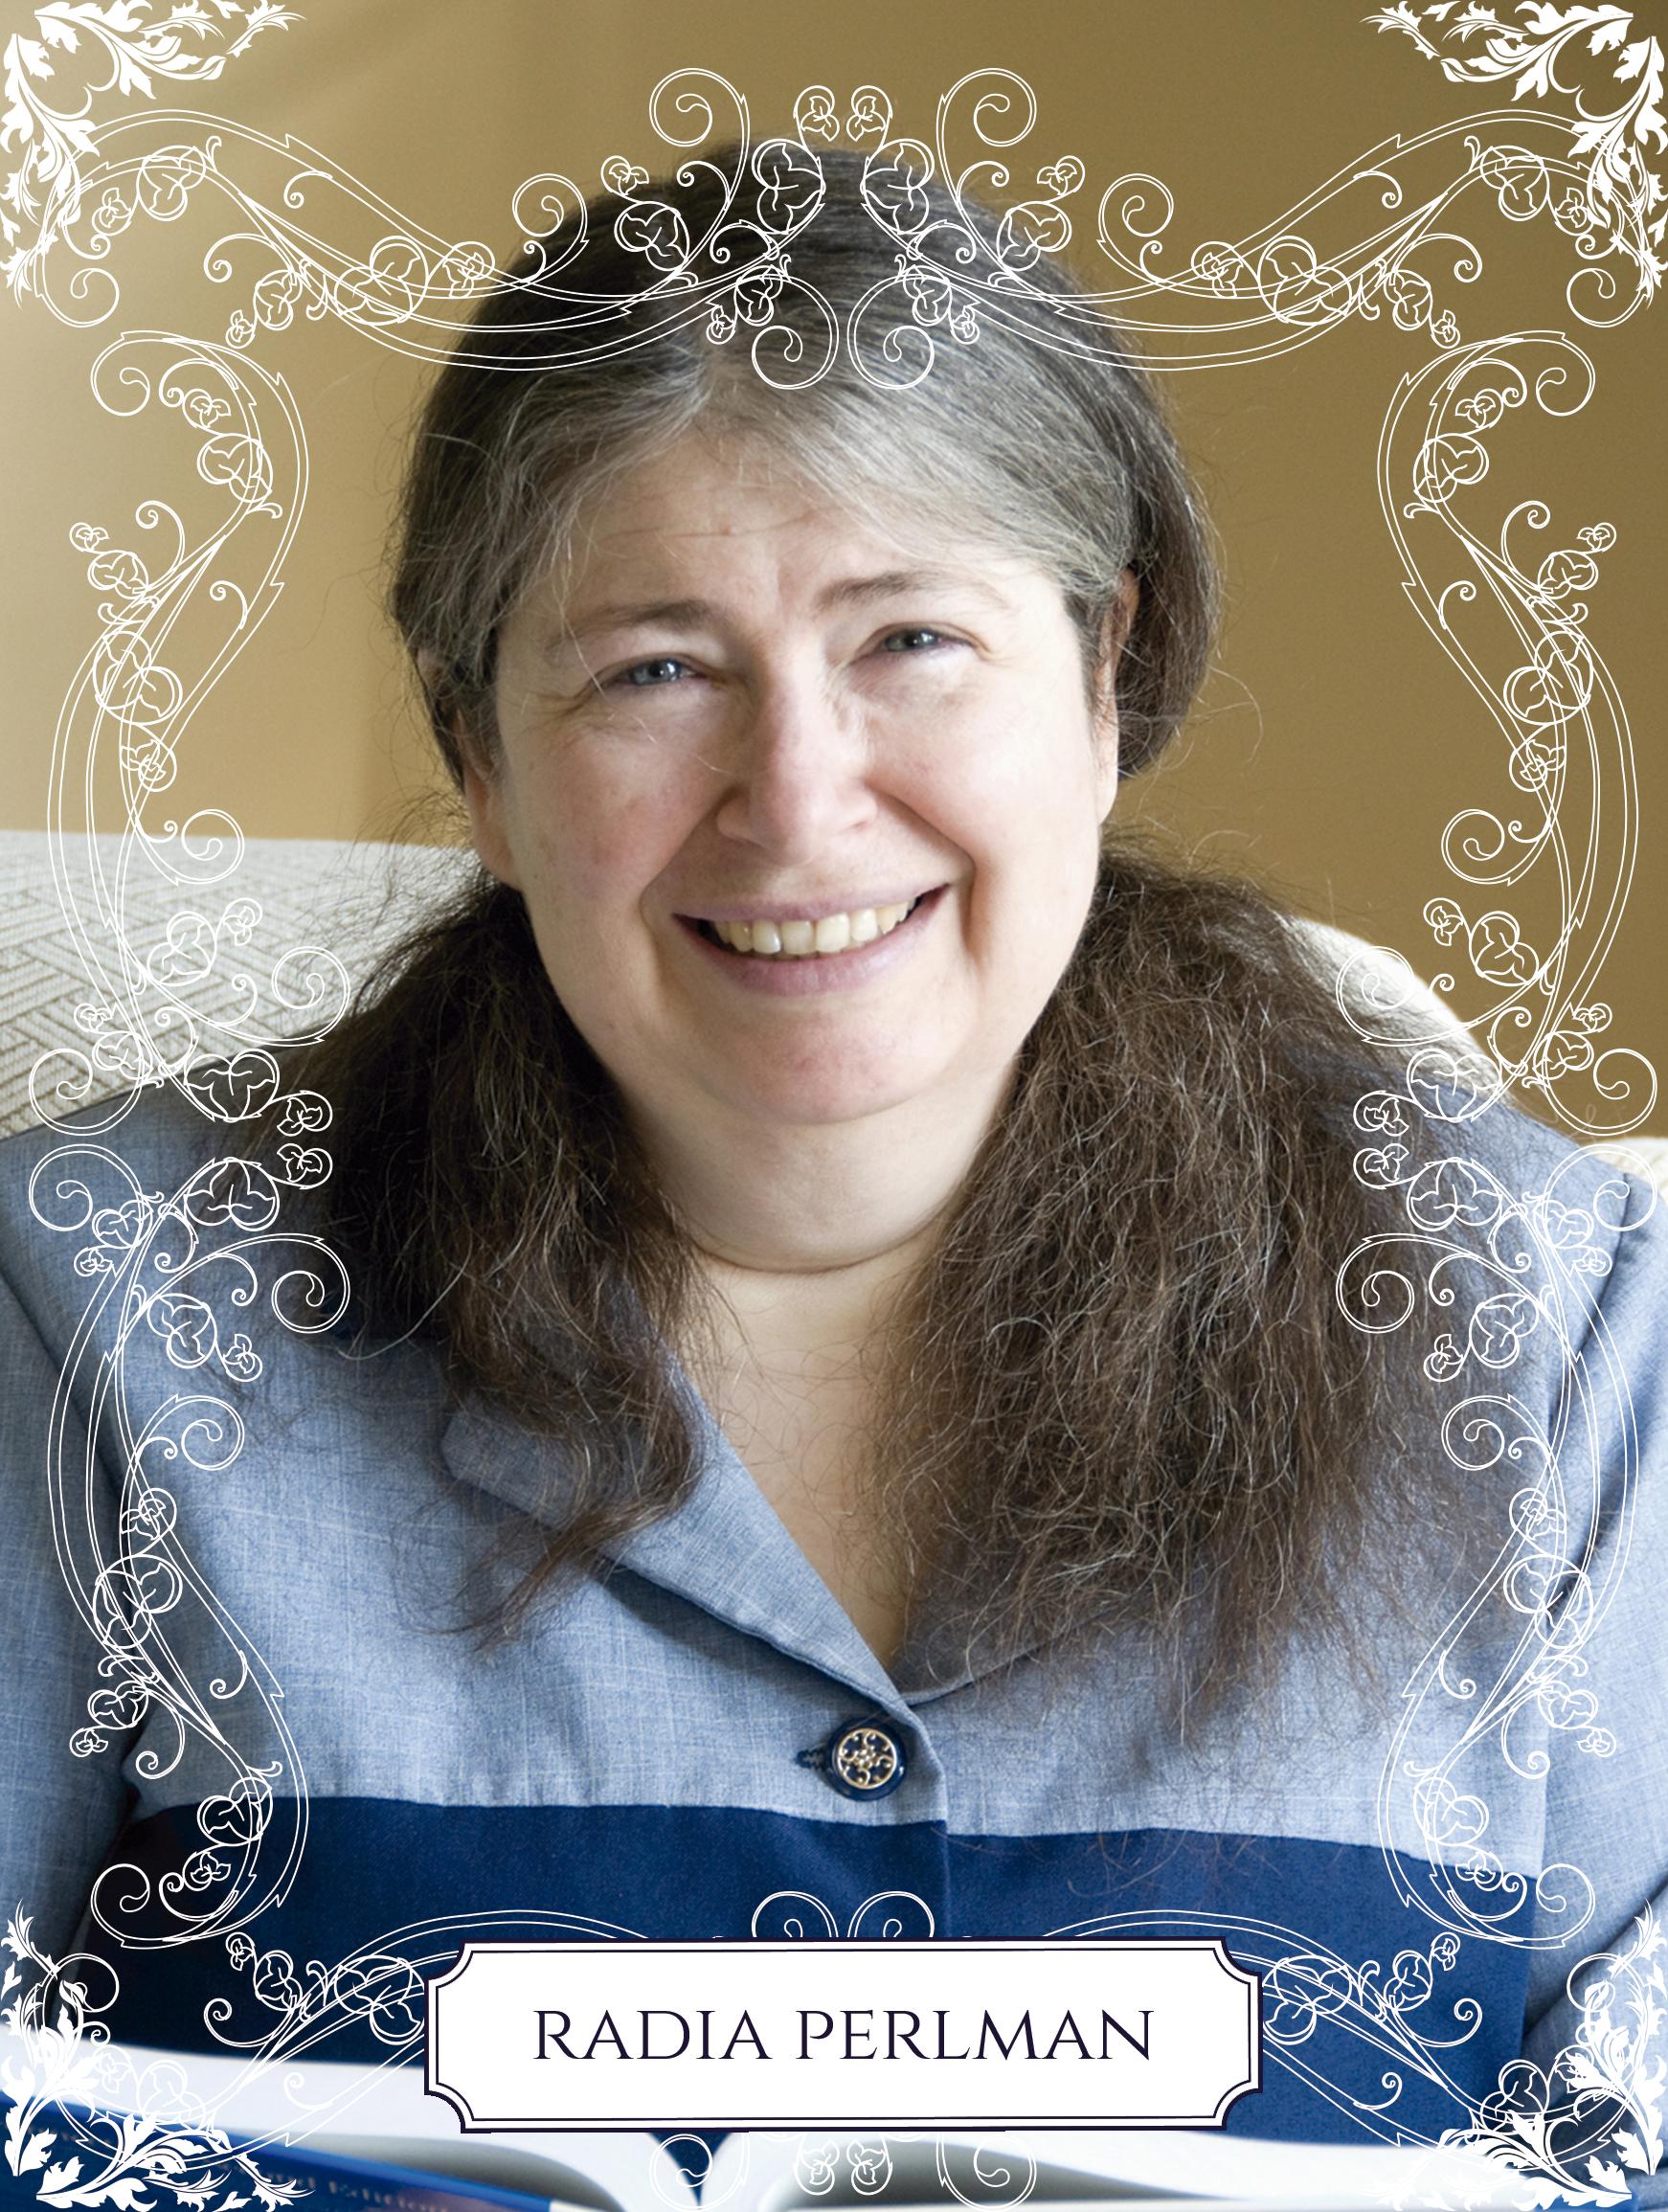 """Radia Perlman, Projetista de software e engenheira de redes, é algumas vezes referenciada como a """"mãe da Internet""""."""